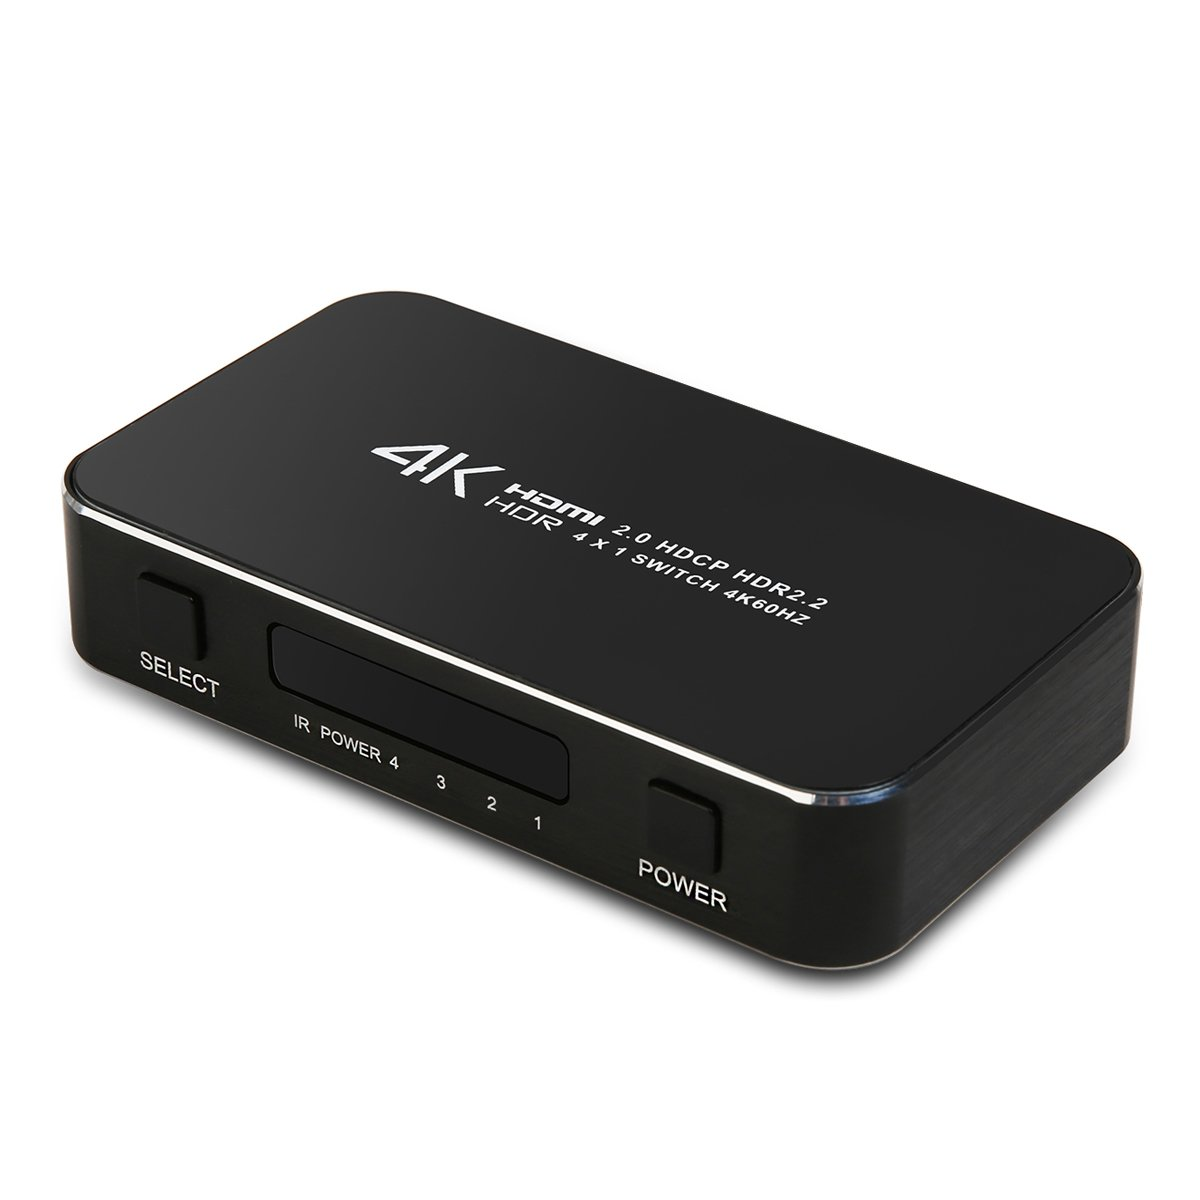 HDMI Switcher 4 Puerto 1 Salida, NIERBO Switch HDMI 4x1 4K x 2K ...